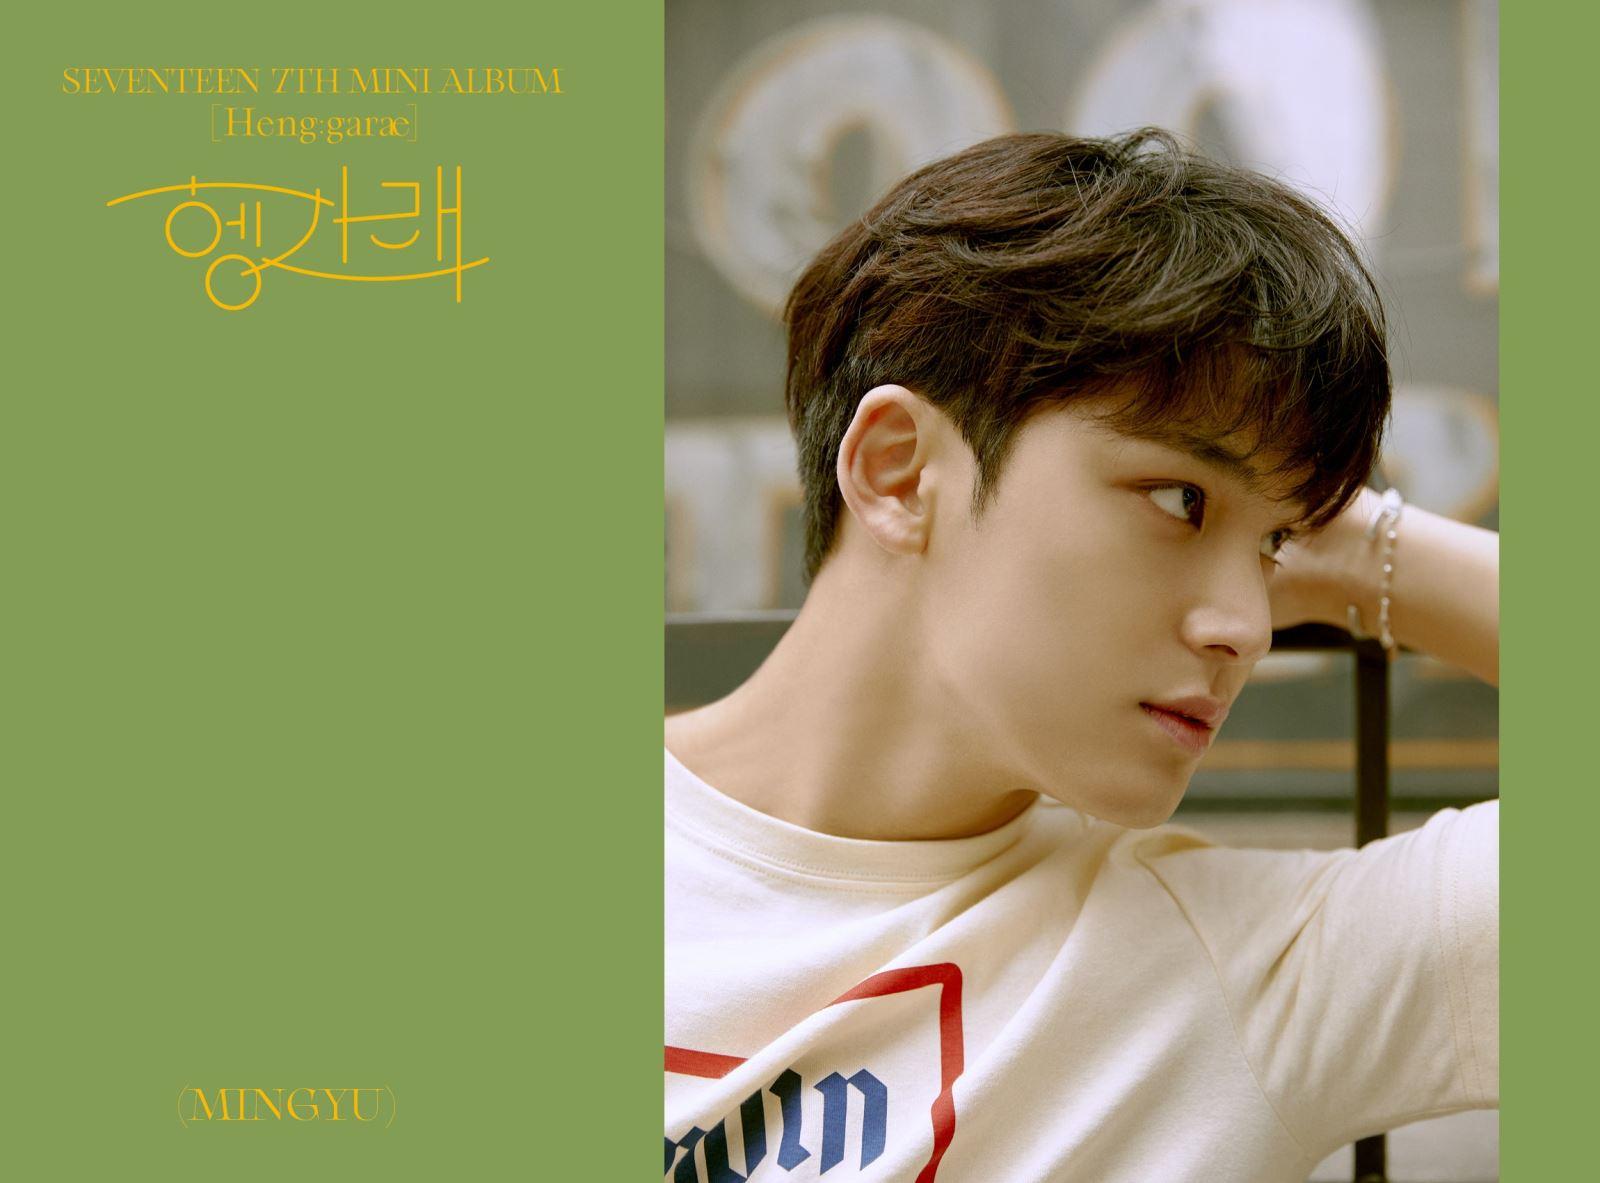 SEVENTEEN comeback, Mingyu Jungkook BTS, Mingyu dũng cảm nhận lỗi vụ Itaewon, mini album 7 Henggarae, ca khúc chủ đề Left & Right, Woozi, Vernon, album Henggaræ